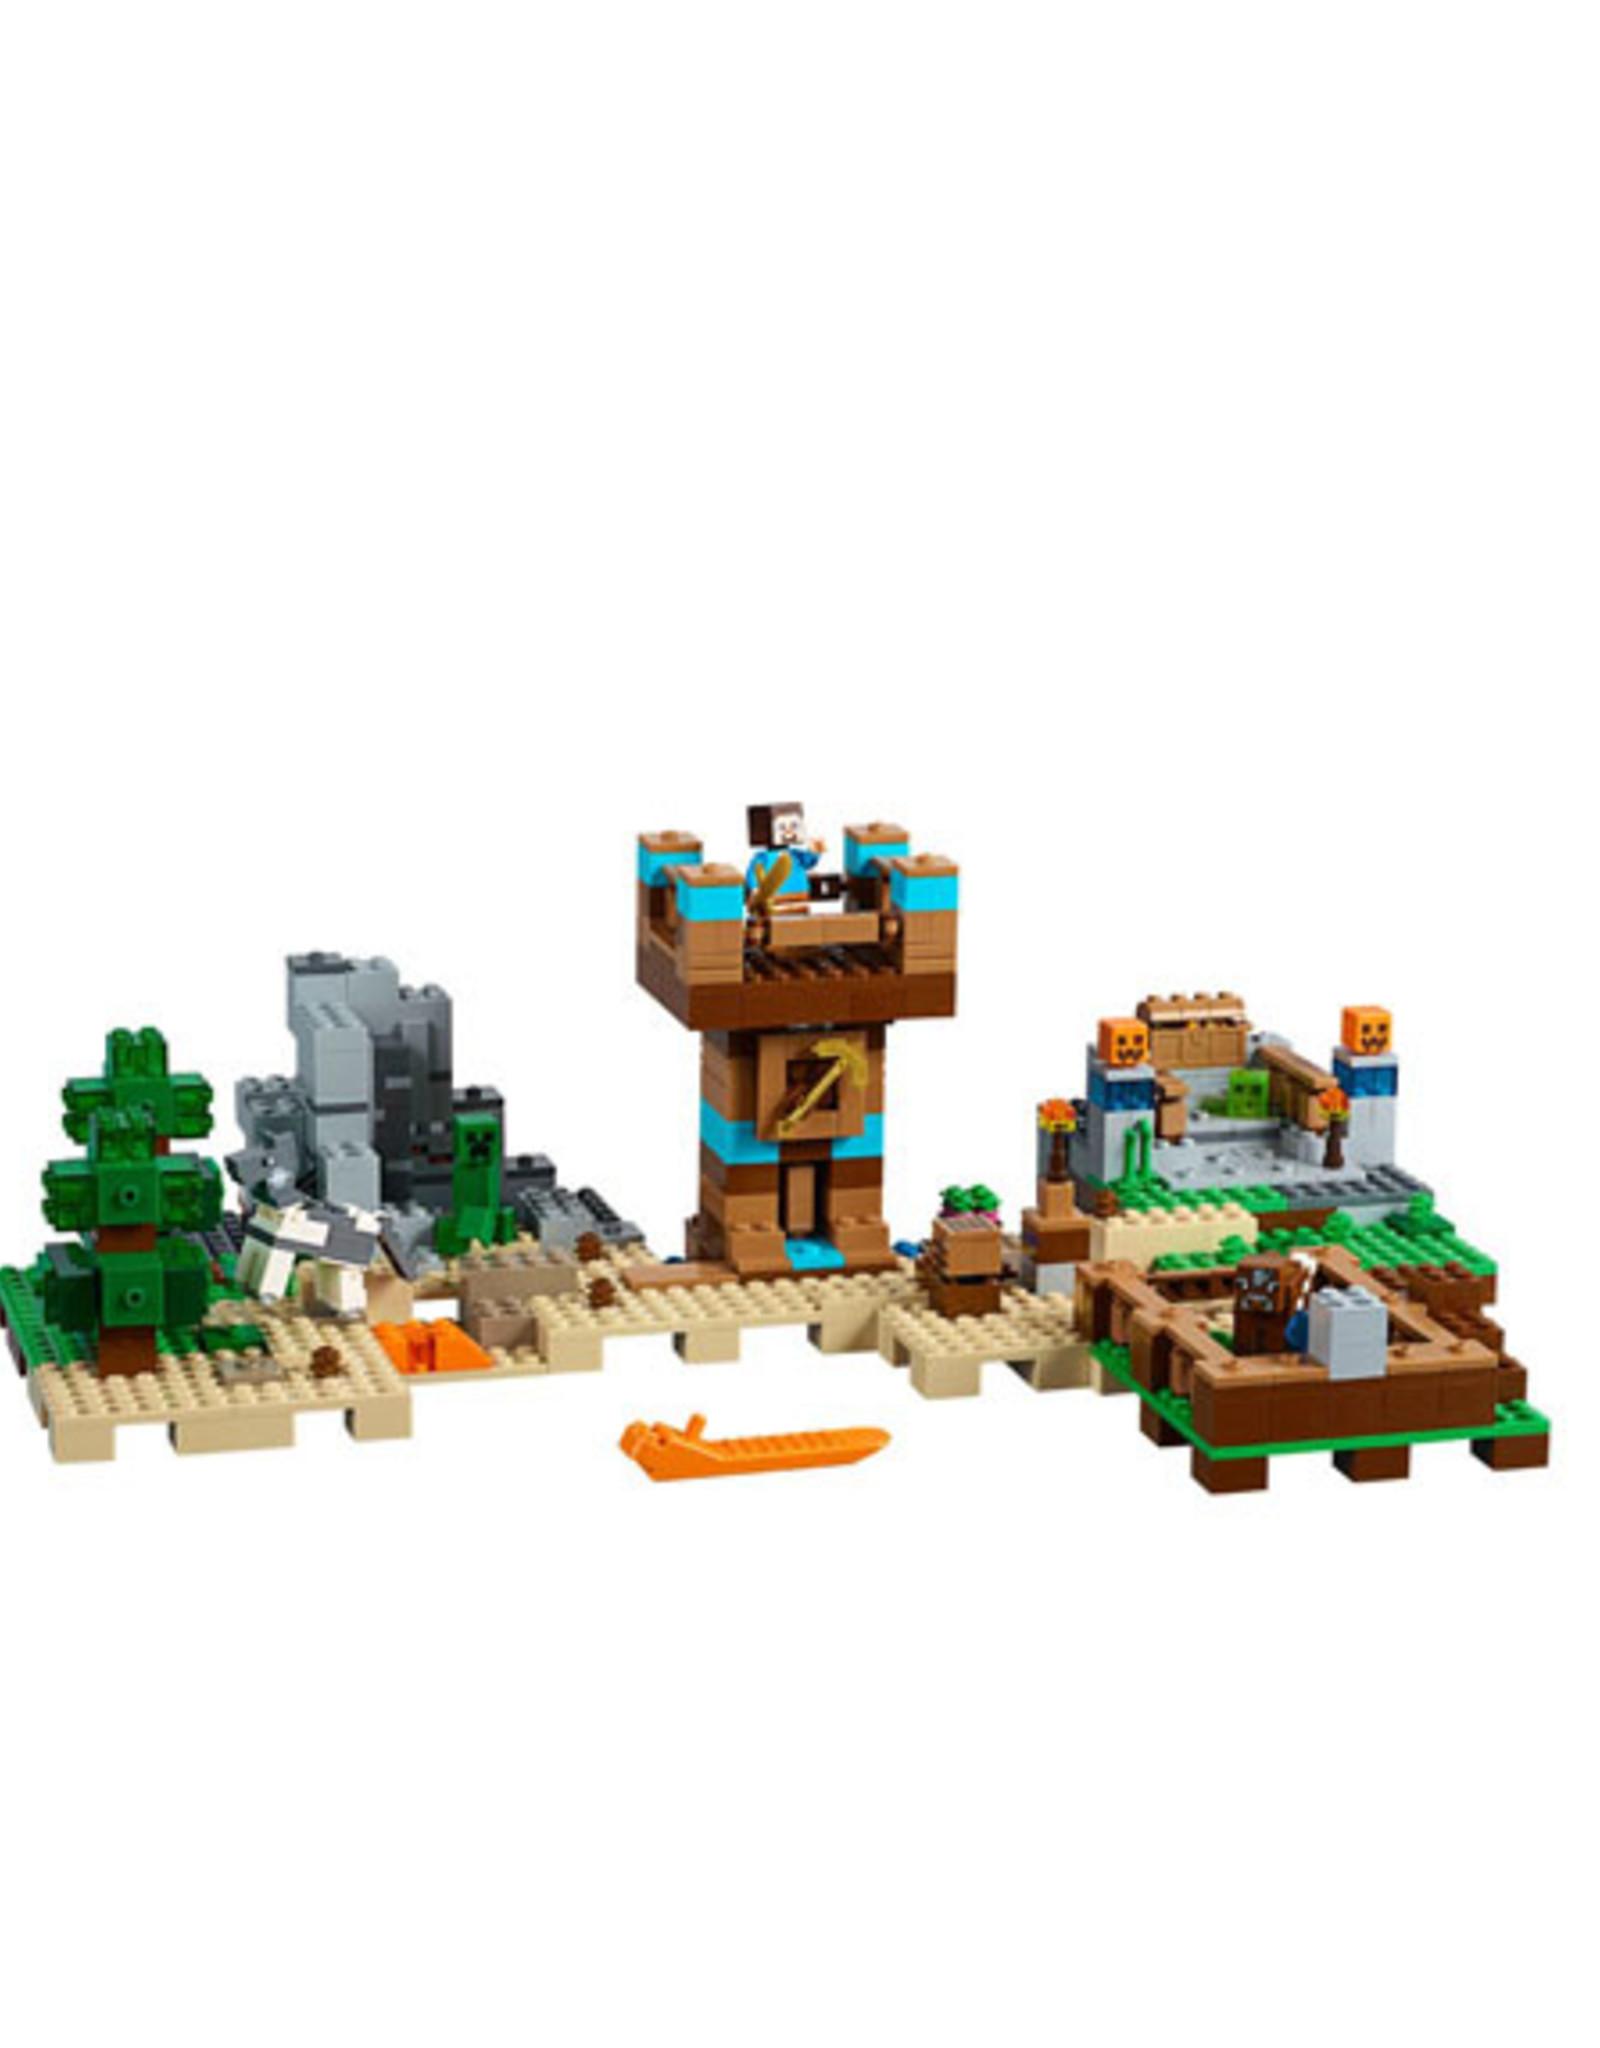 LEGO LEGO 21135 The Crafting Box 2.0 MINECRAFT